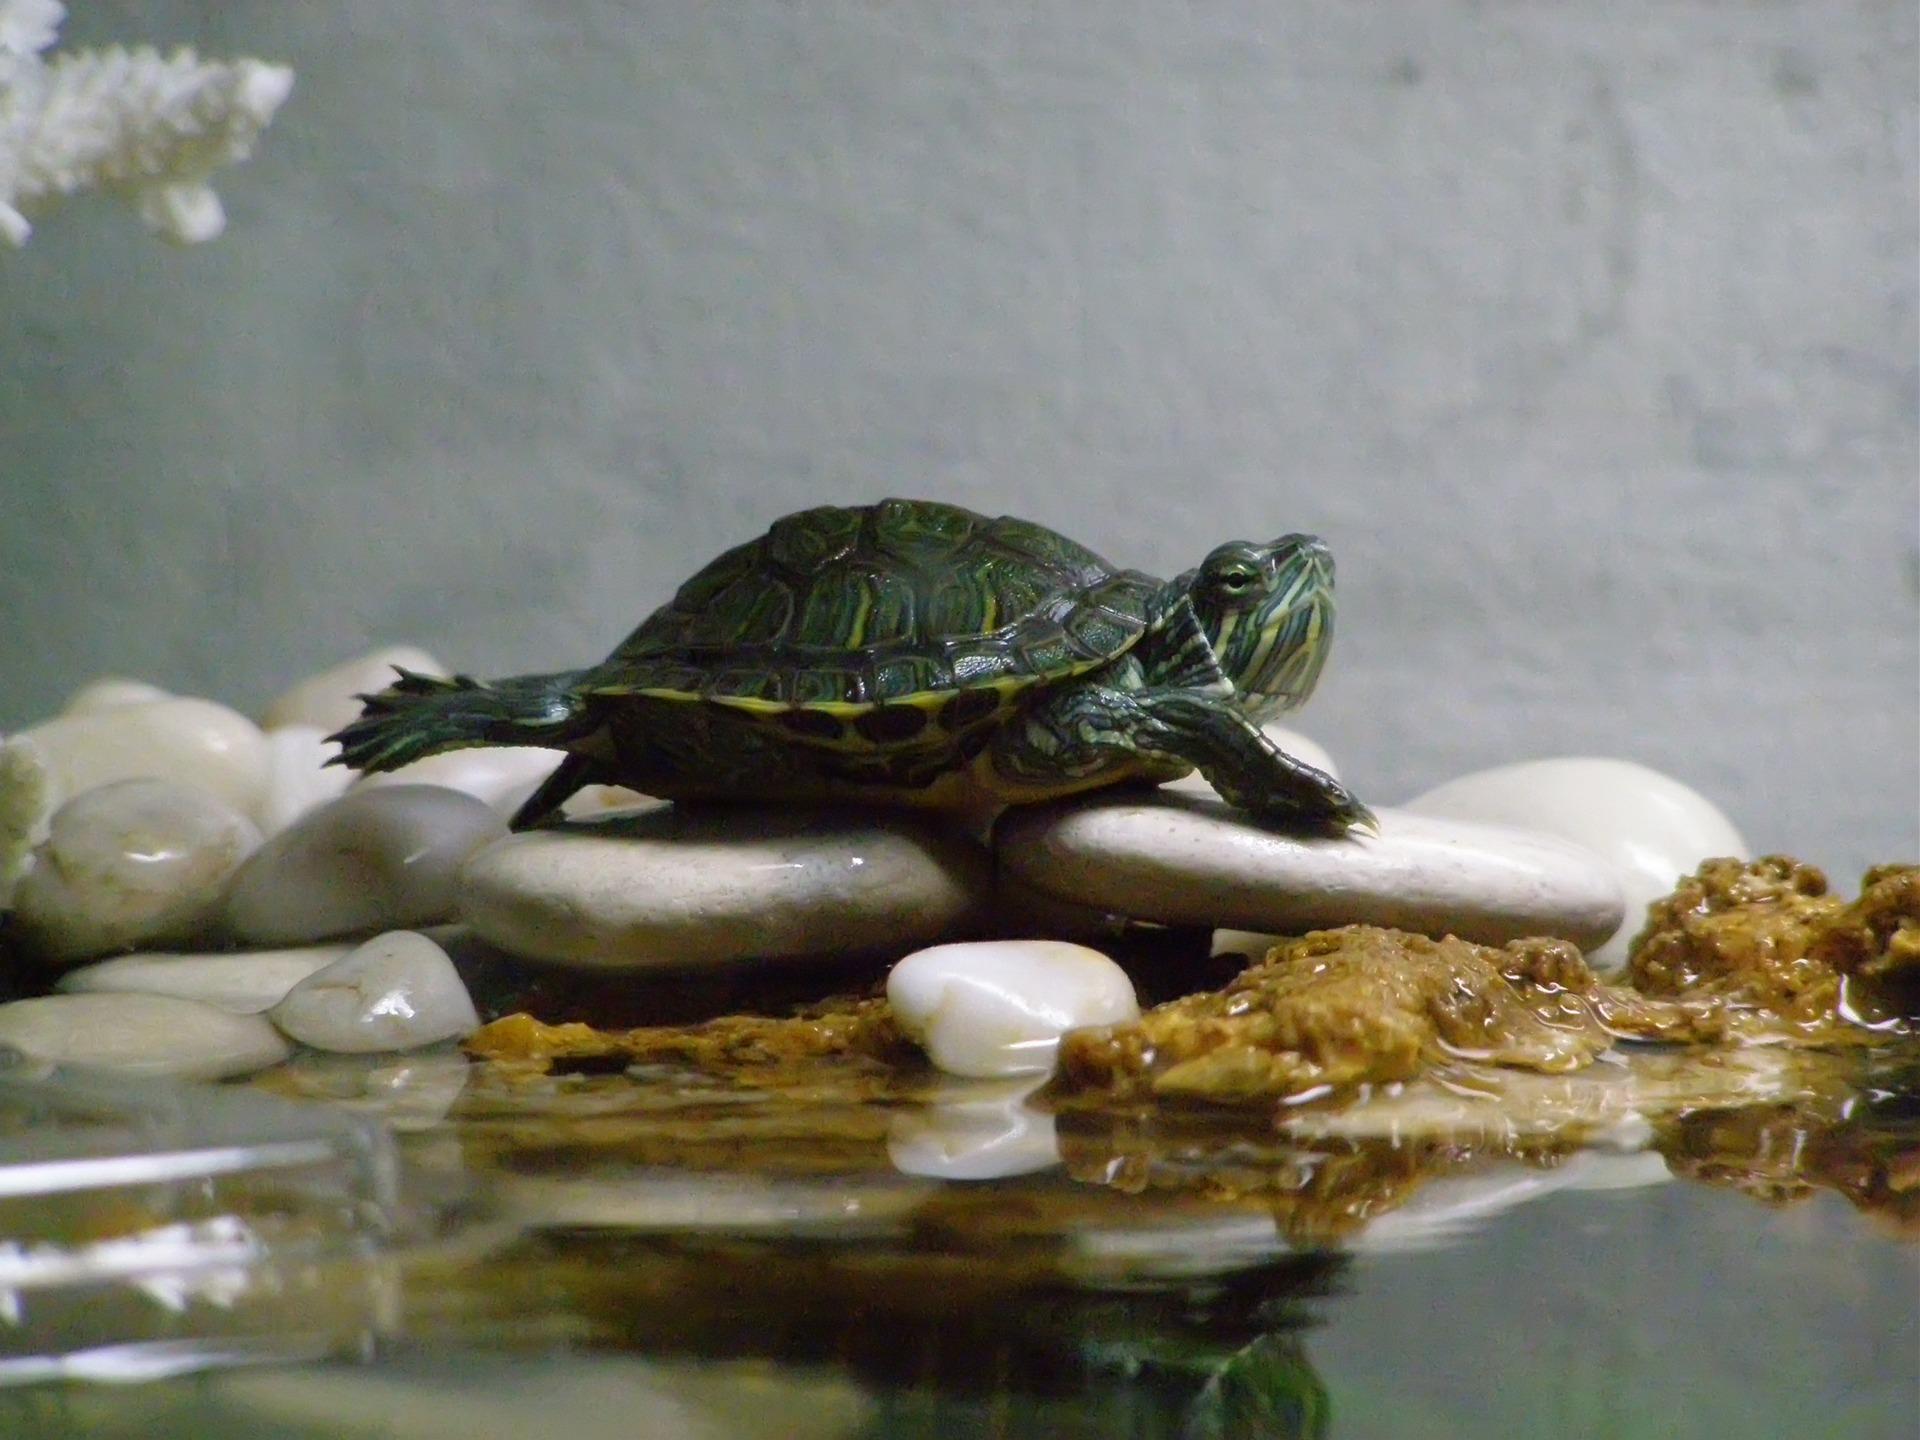 водяная черепаха в домашних условиях фото чего возникают